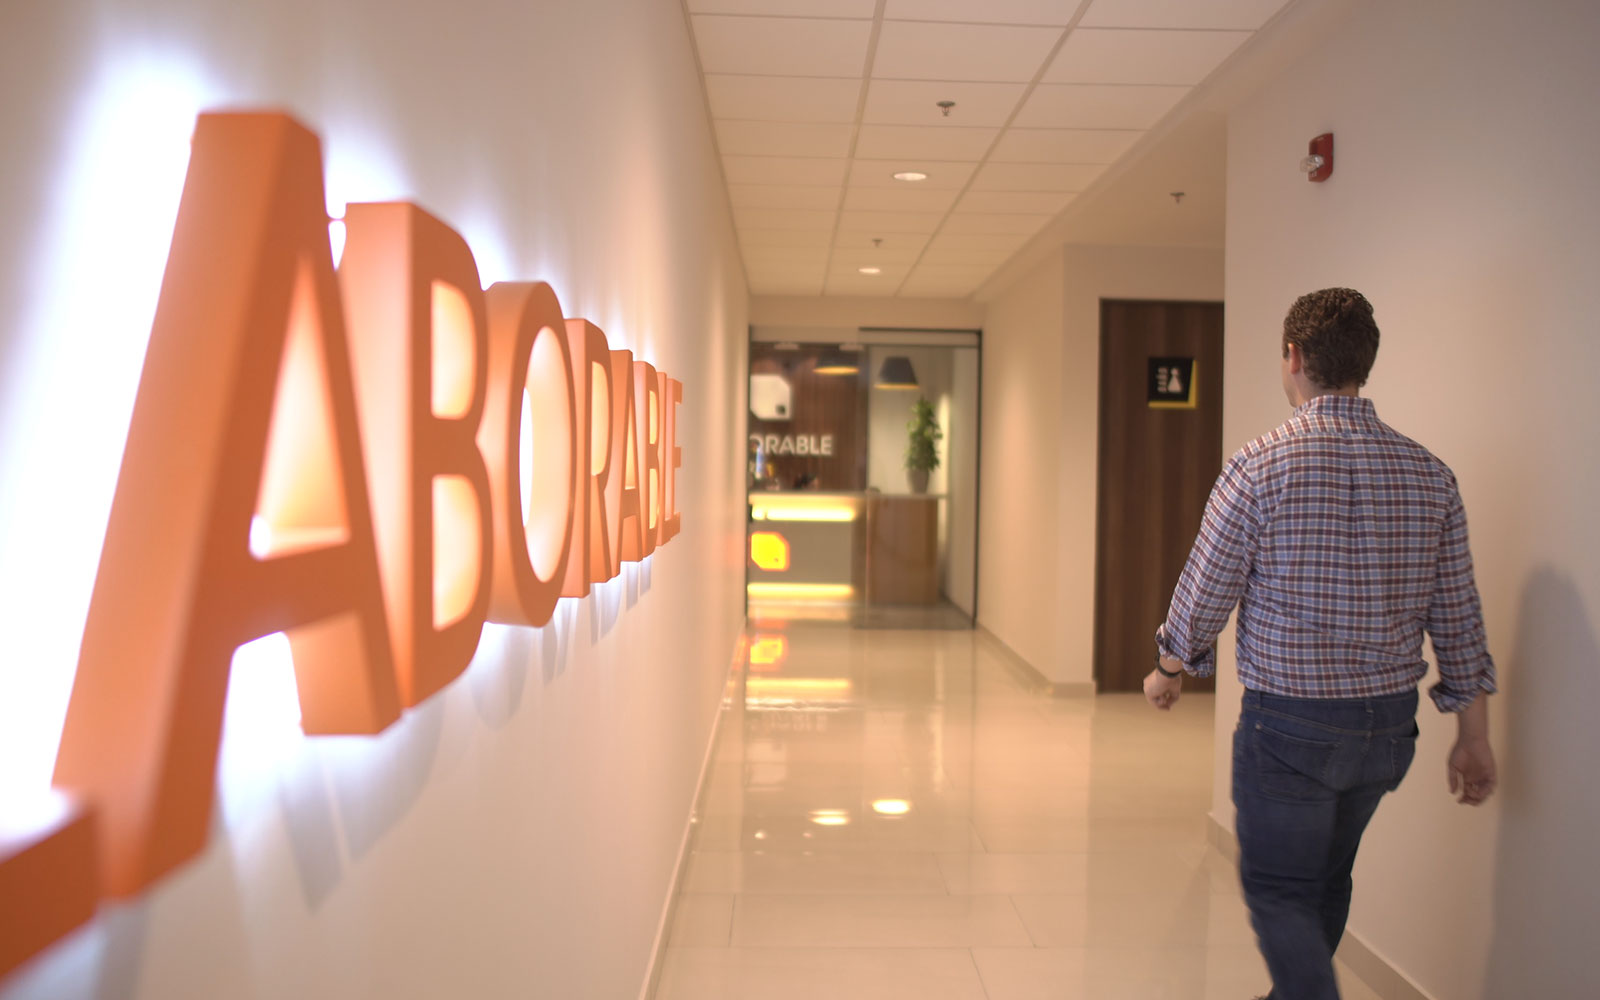 BBC Laborable